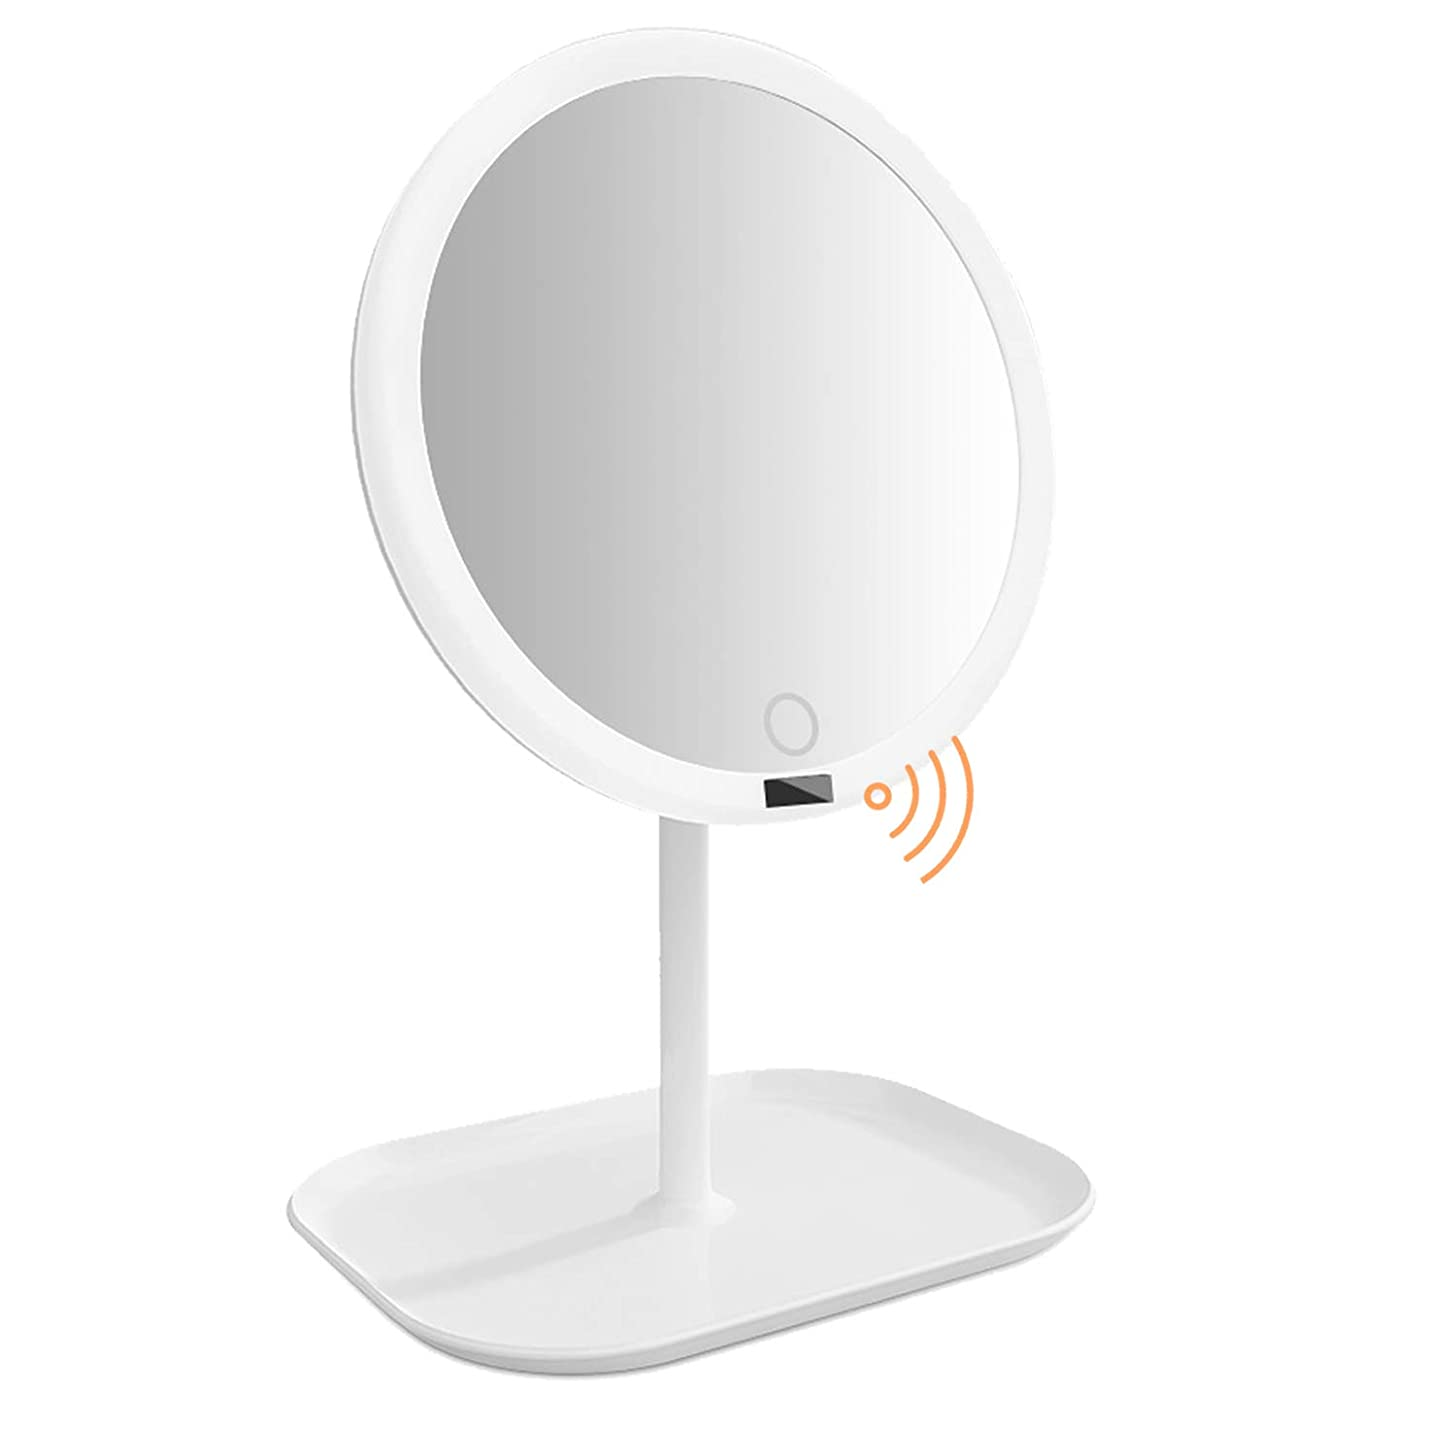 助けてきょうだいチップAMZTOLIFE 化粧鏡 鏡 卓上 卓上ミラー 女優ミラー スタンドミラー「ledライト付き 人感センサー搭載 無階段明るさ調節可能 360度回転 USB充電式」直径20.3cm 日本語取扱説明書付き (ホワイト)